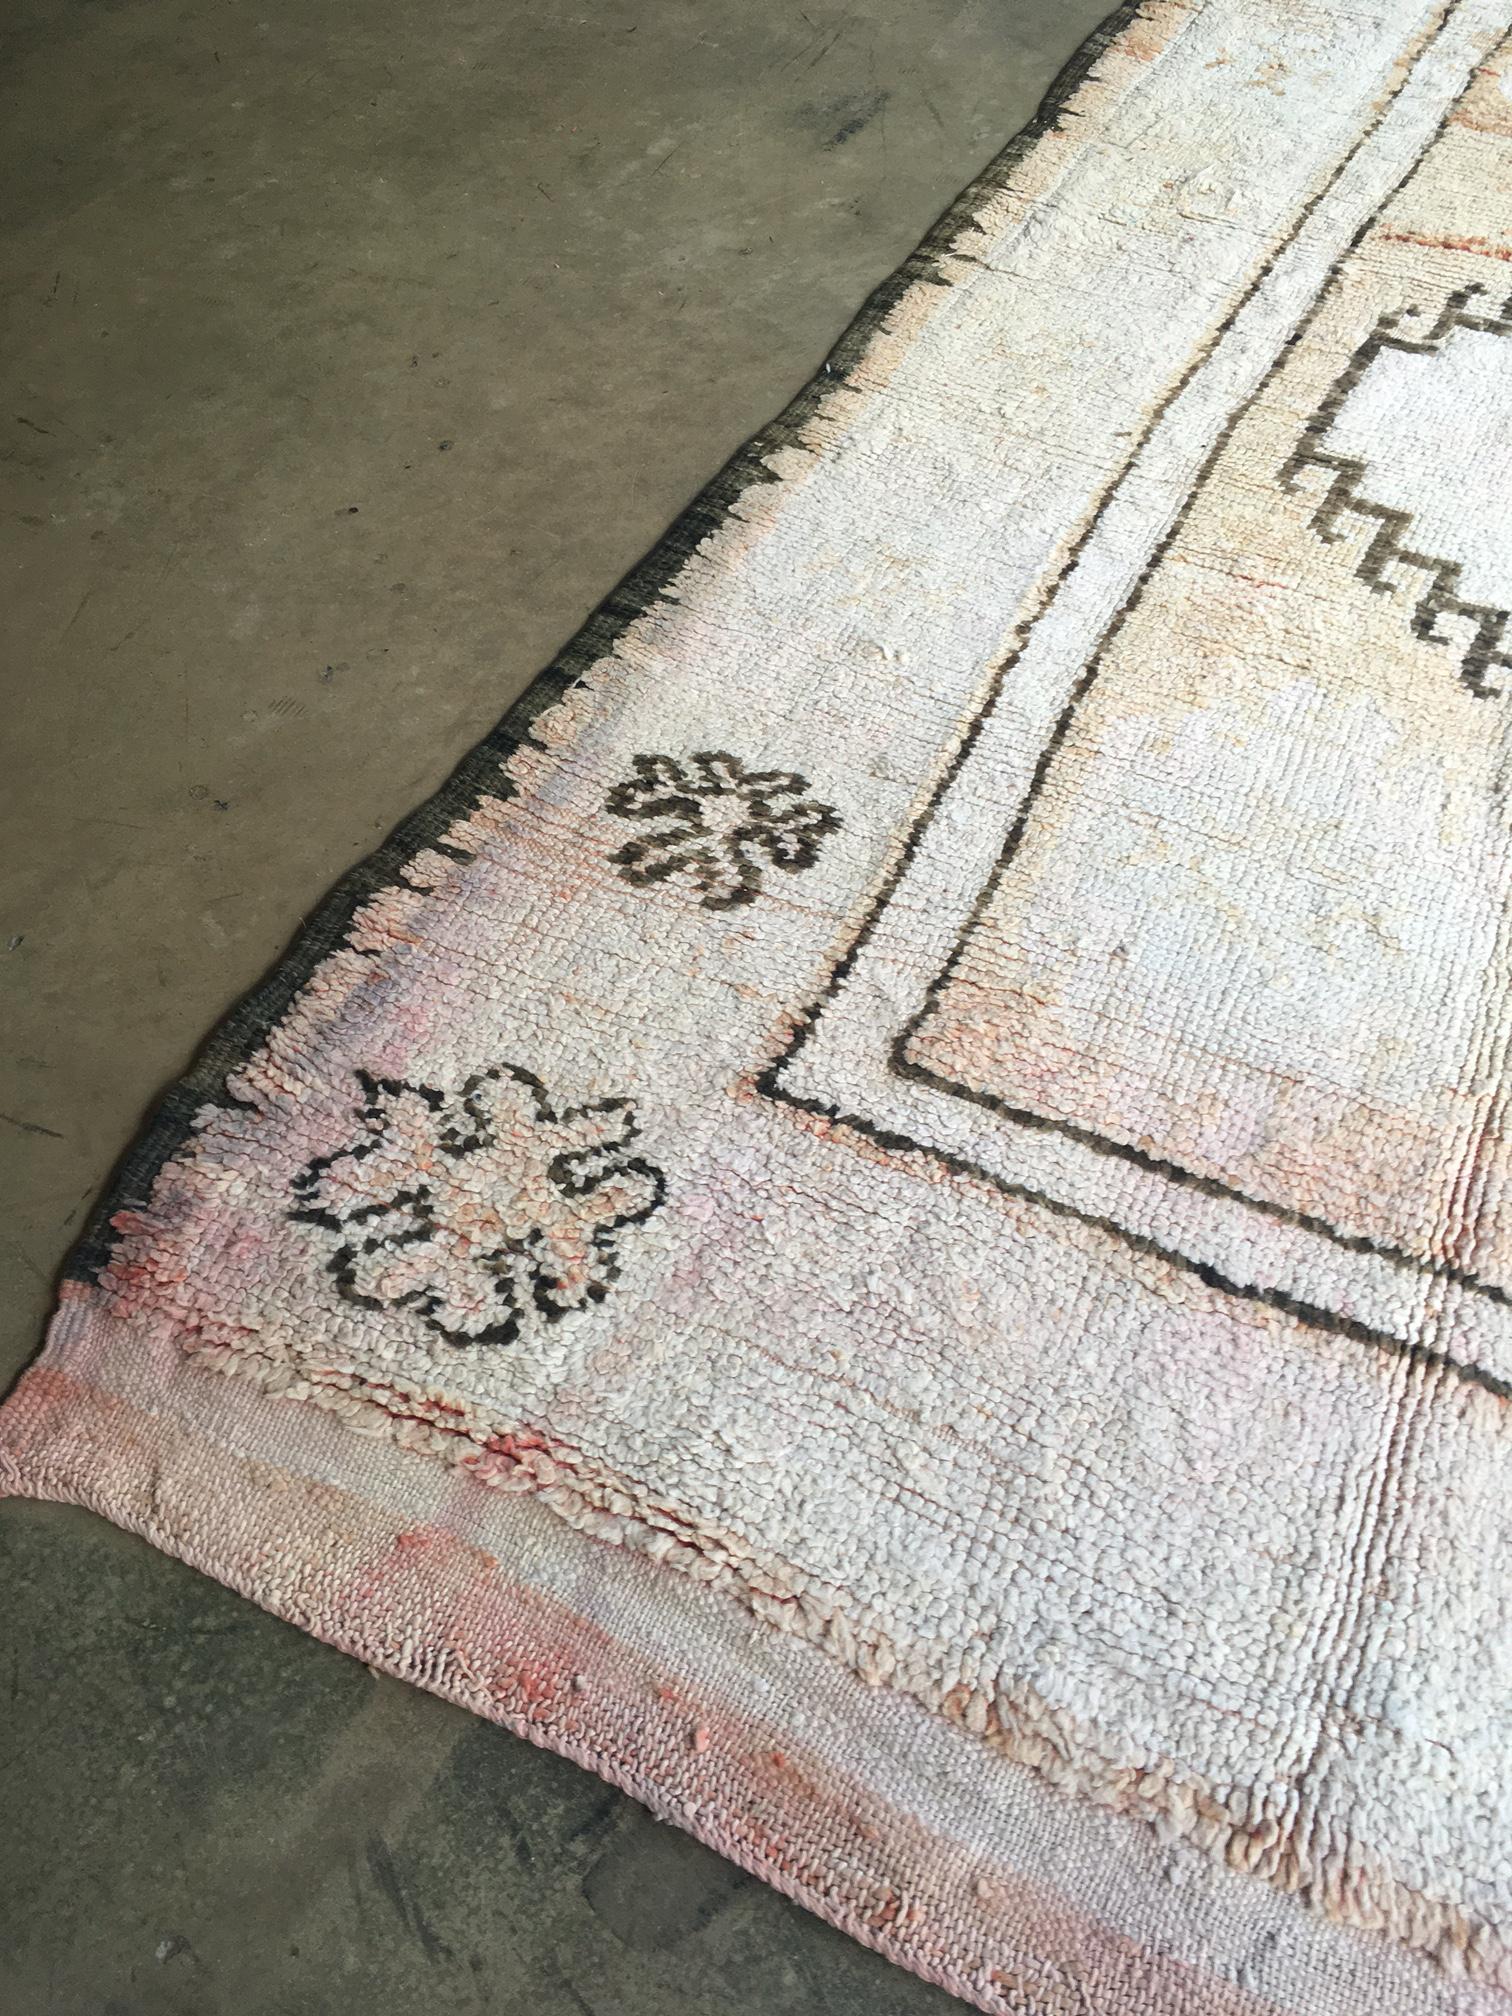 vintage moroccan blush pink boho boujad runner rug 4u00279 x 10u0027 image